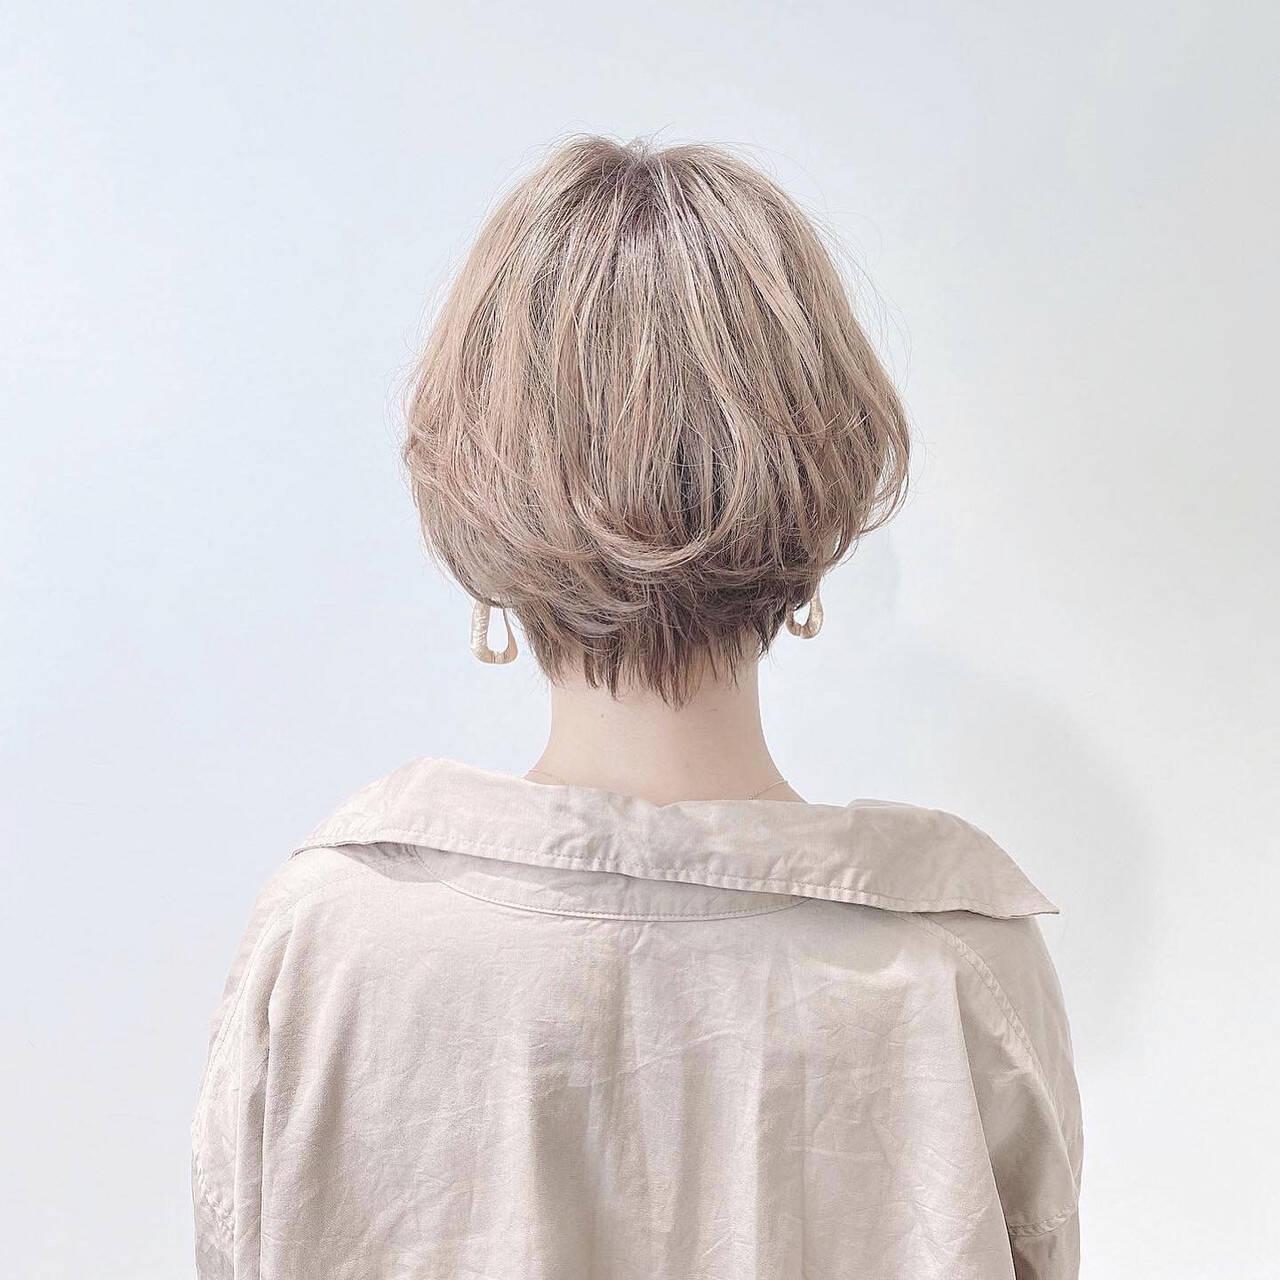 ミニボブ ショート ショートヘア ベリーショートヘアスタイルや髪型の写真・画像